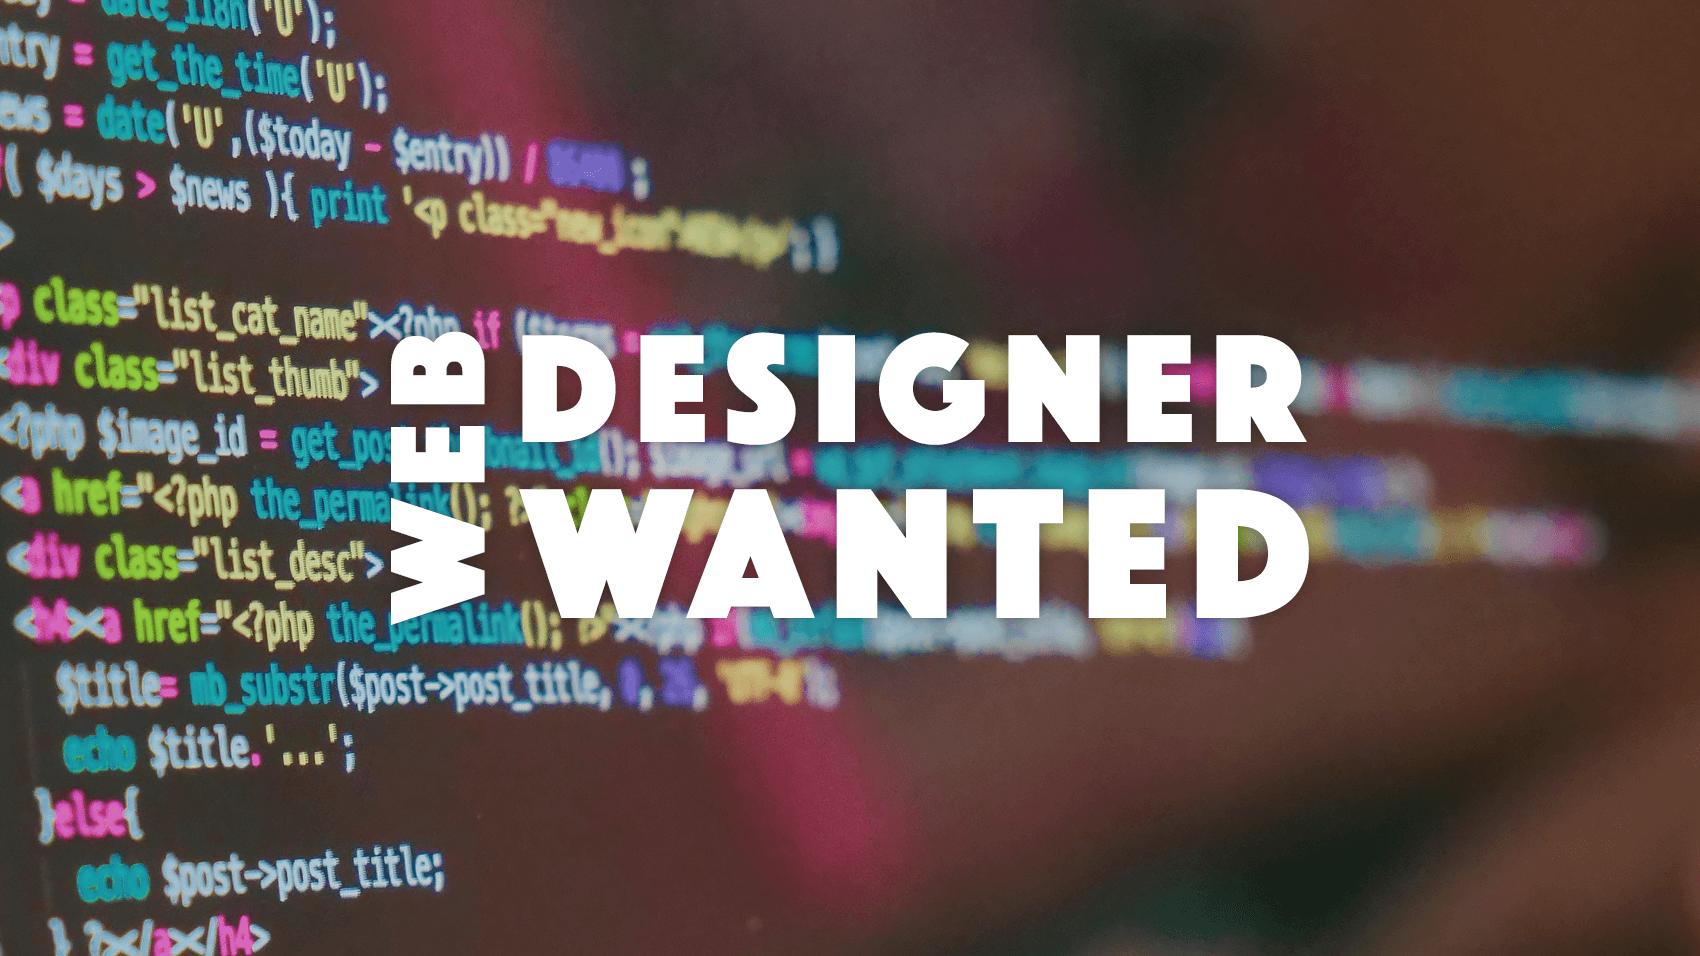 一緒にお仕事できる、またはお仕事任せられるwebデザイナー募集します